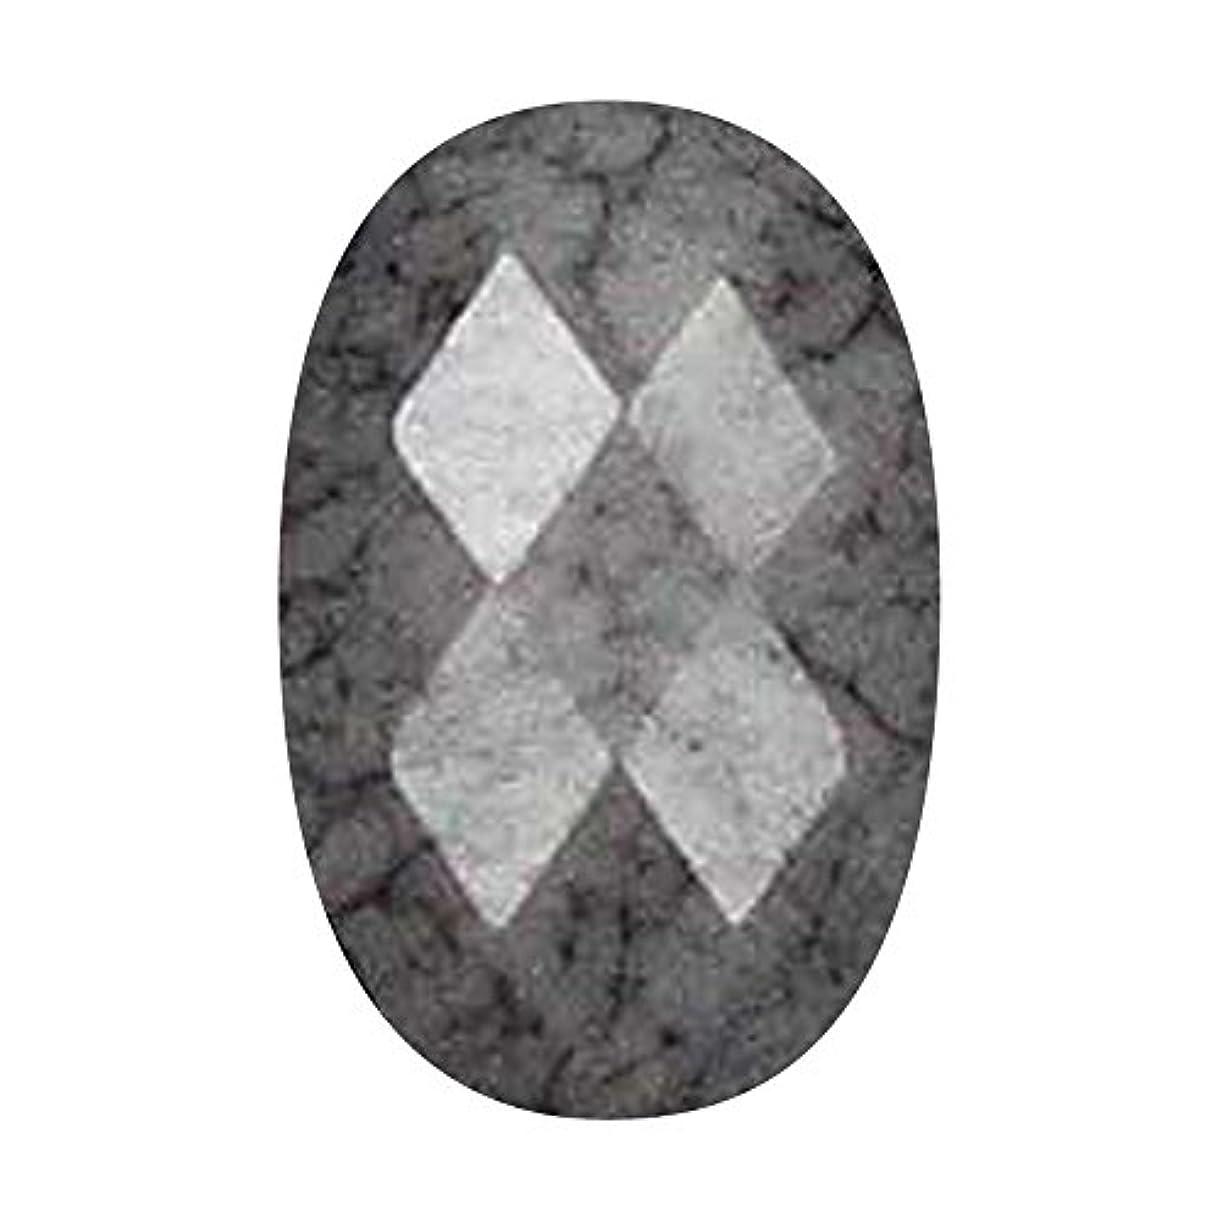 場所幾何学あいさつMpetit B677 ビジュー スレートグレイ 20P マーキス?カットの大理石風ストーン アート材